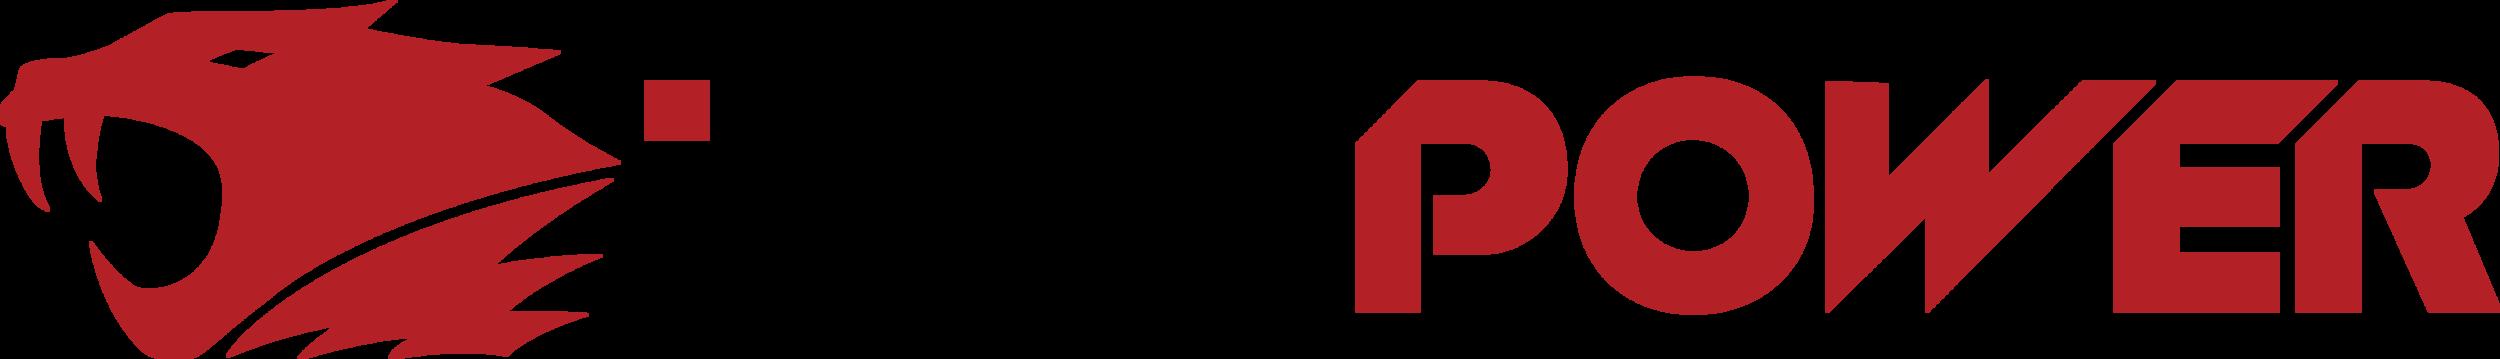 ibp-red-black-logo-horz.png